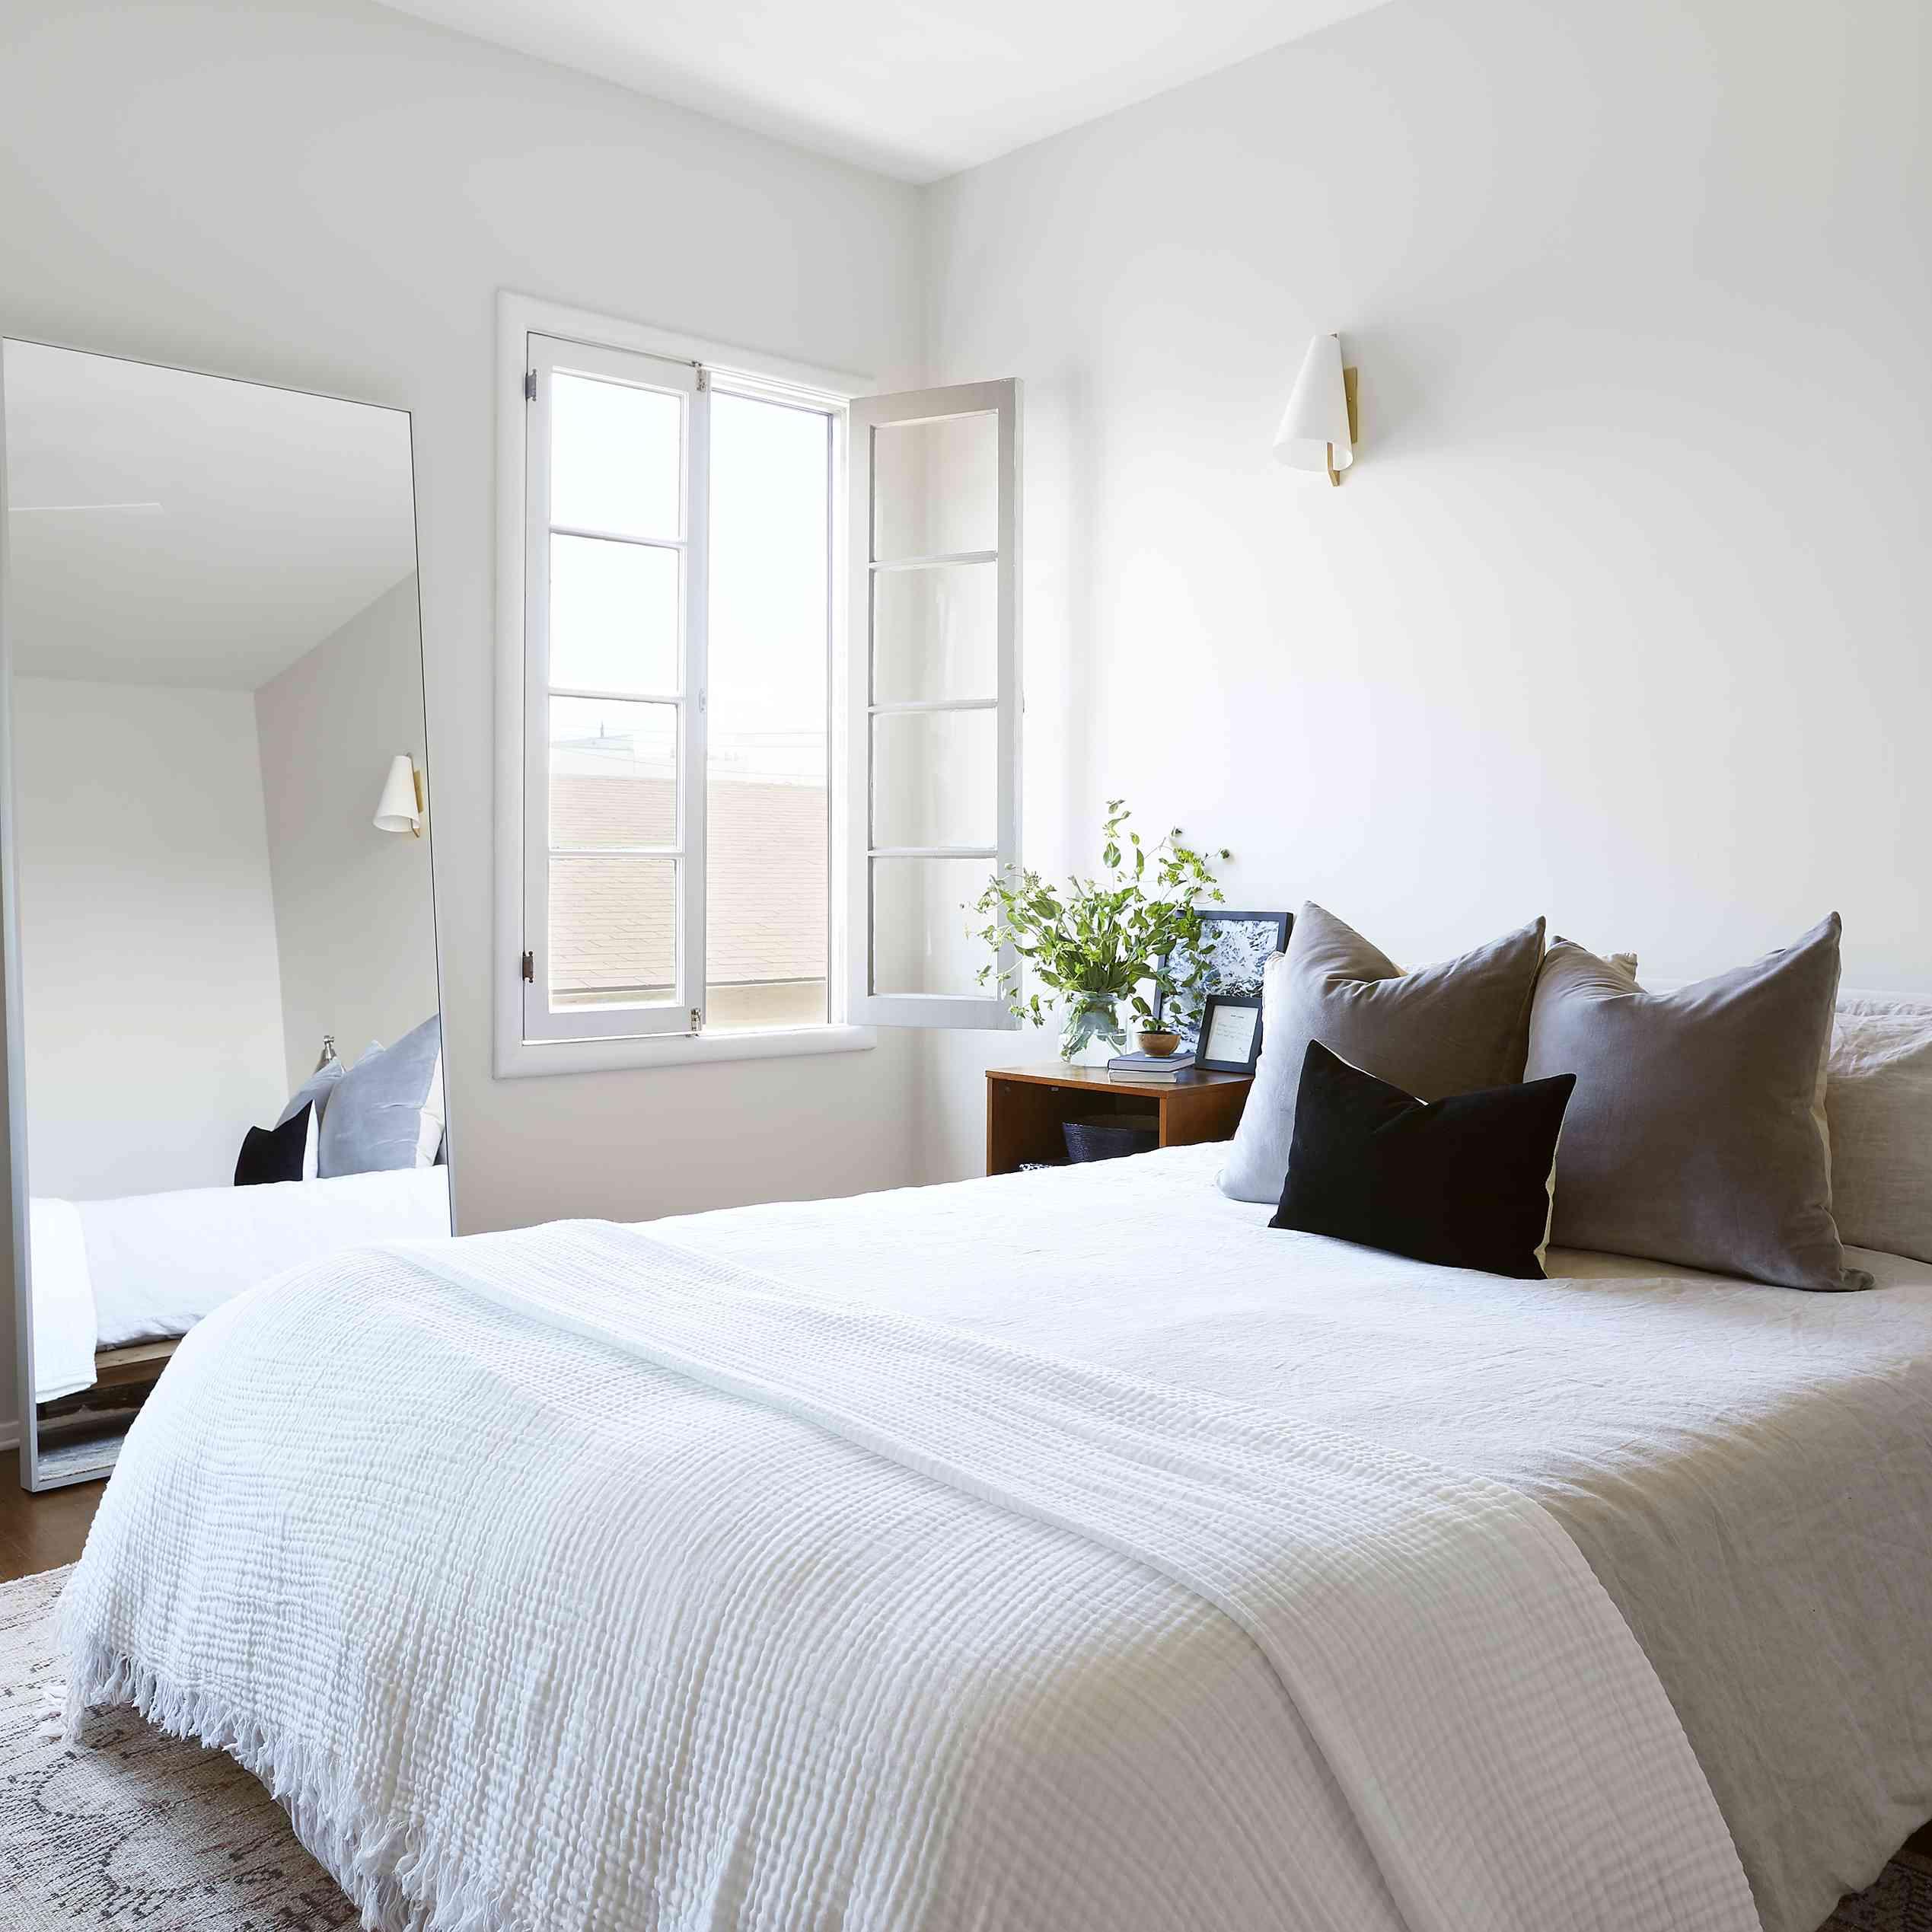 modern bedroom with oversize rectangular mirror